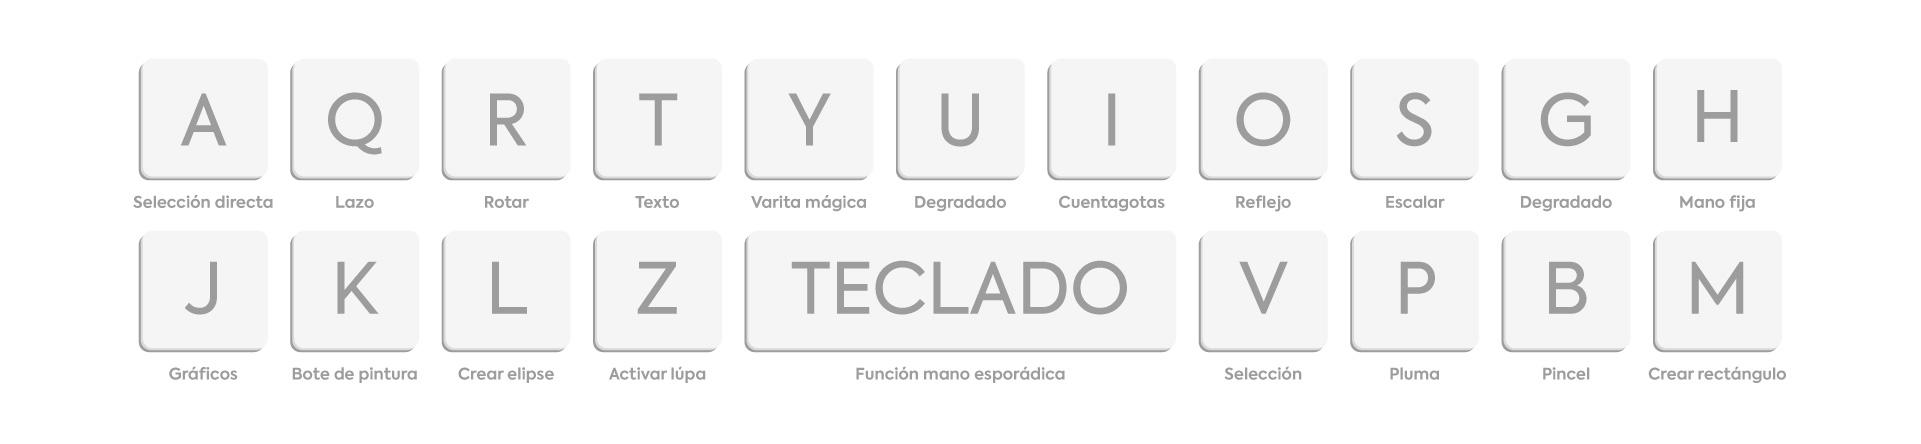 Funciones rápides de teclado para Illustrator